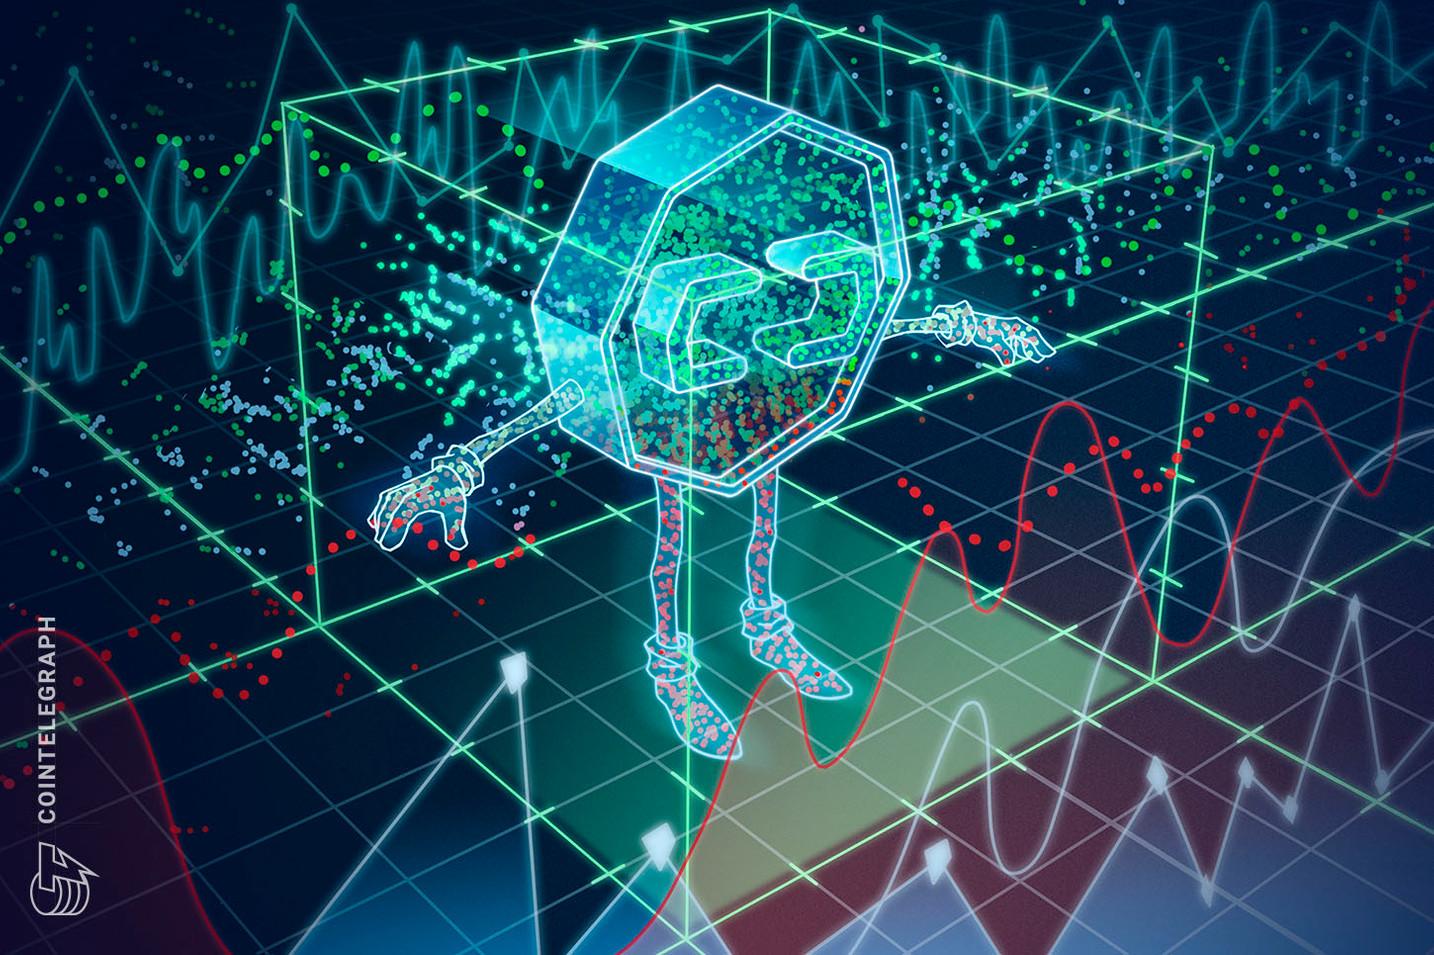 Lanciato il Crypto Volatility Index: riuscirà a diventare uno strumento importante per i trader?